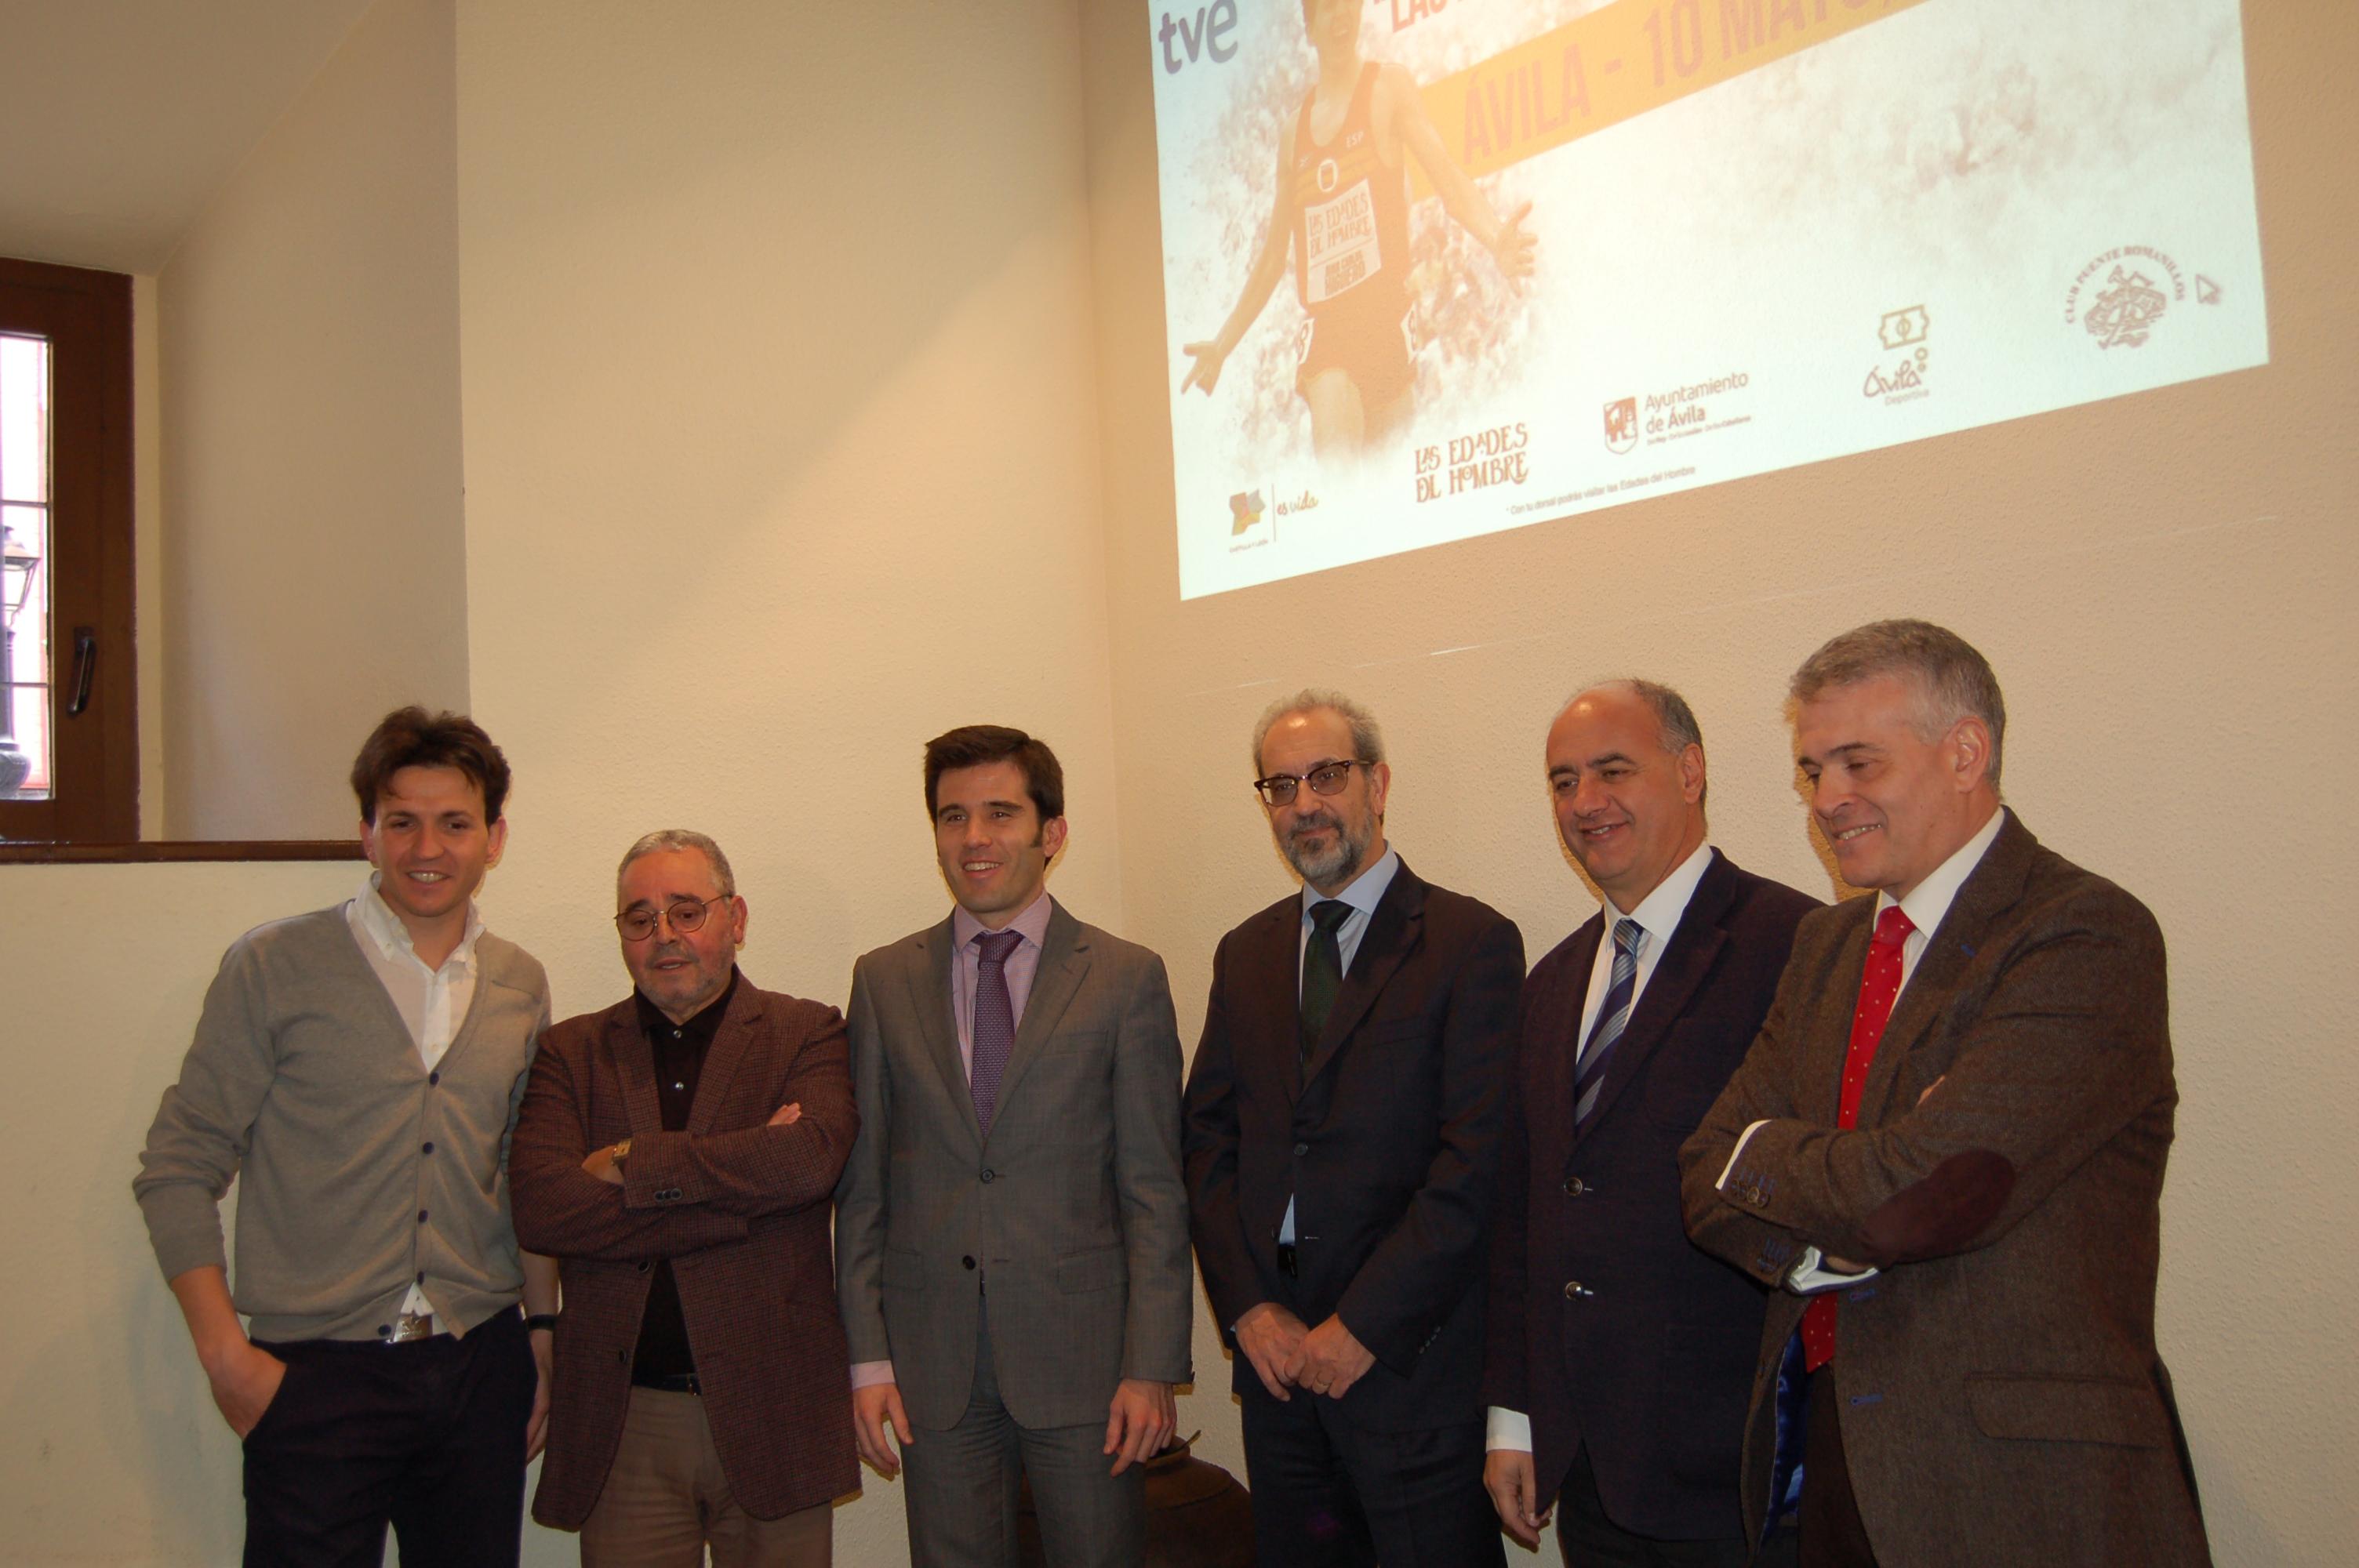 """La carrera """"Las Edades del Hombre""""-Universidad de Salamanca se celebrará de forma simultánea el próximo 10 de mayo en Ávila"""